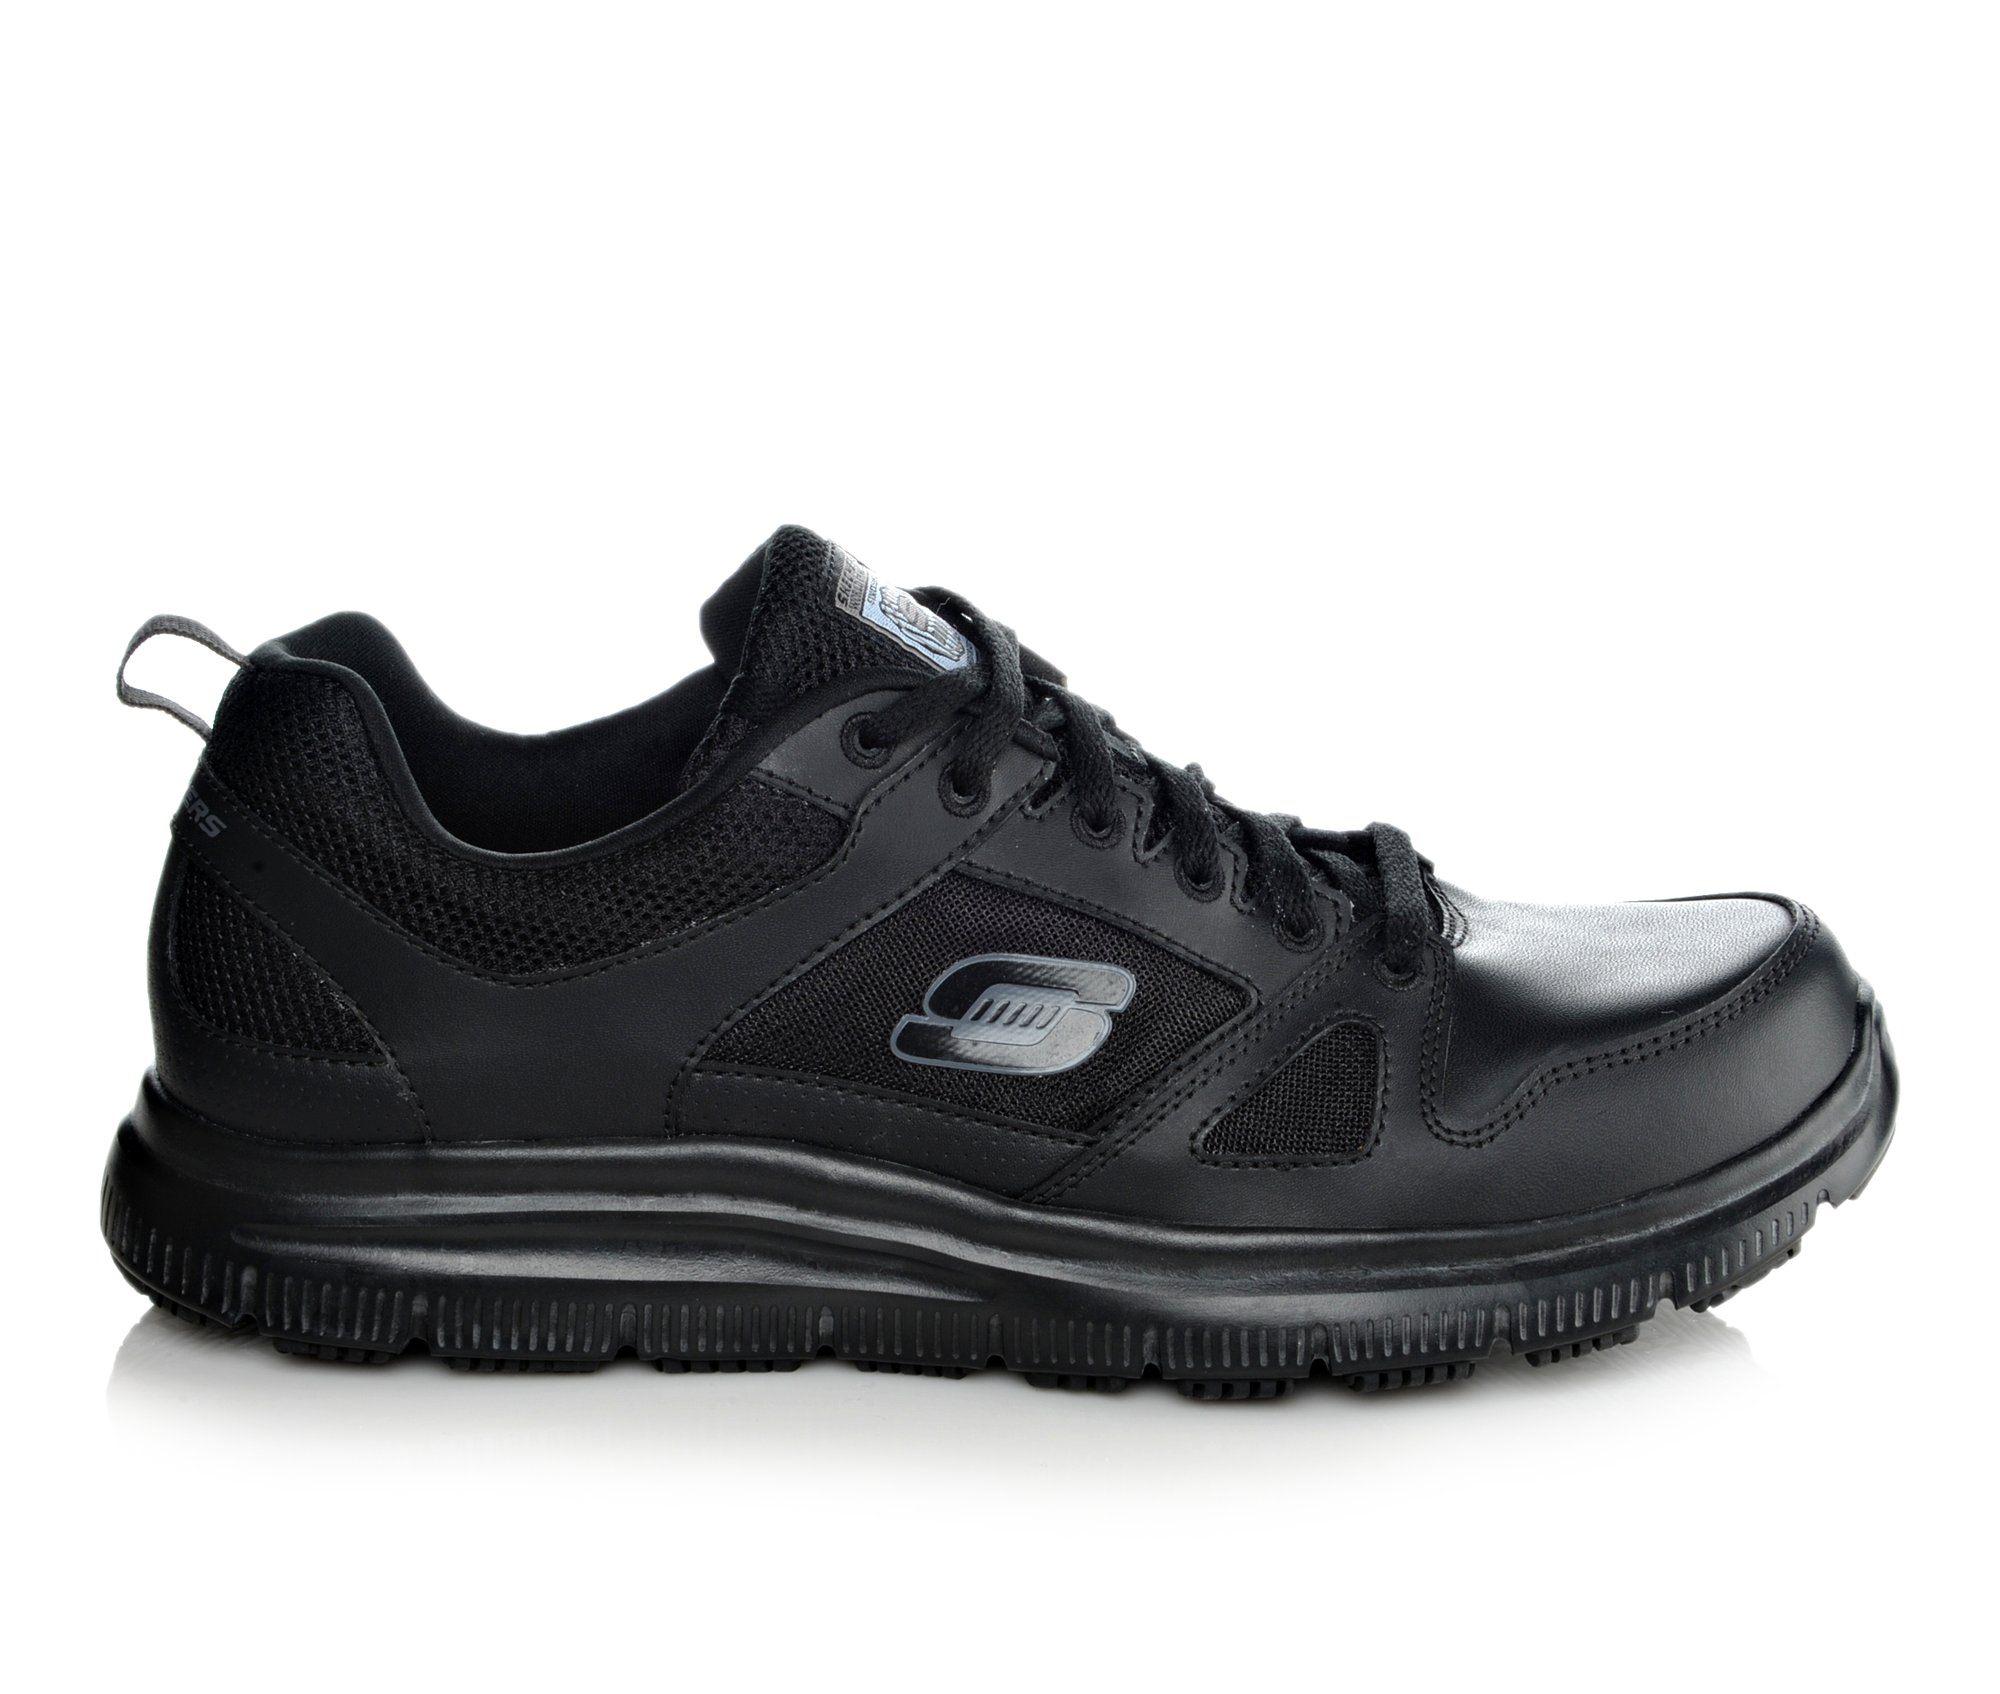 Skechers Work 77040 Flex Advantage Slip Resistant Men's Boots (Black Leather)